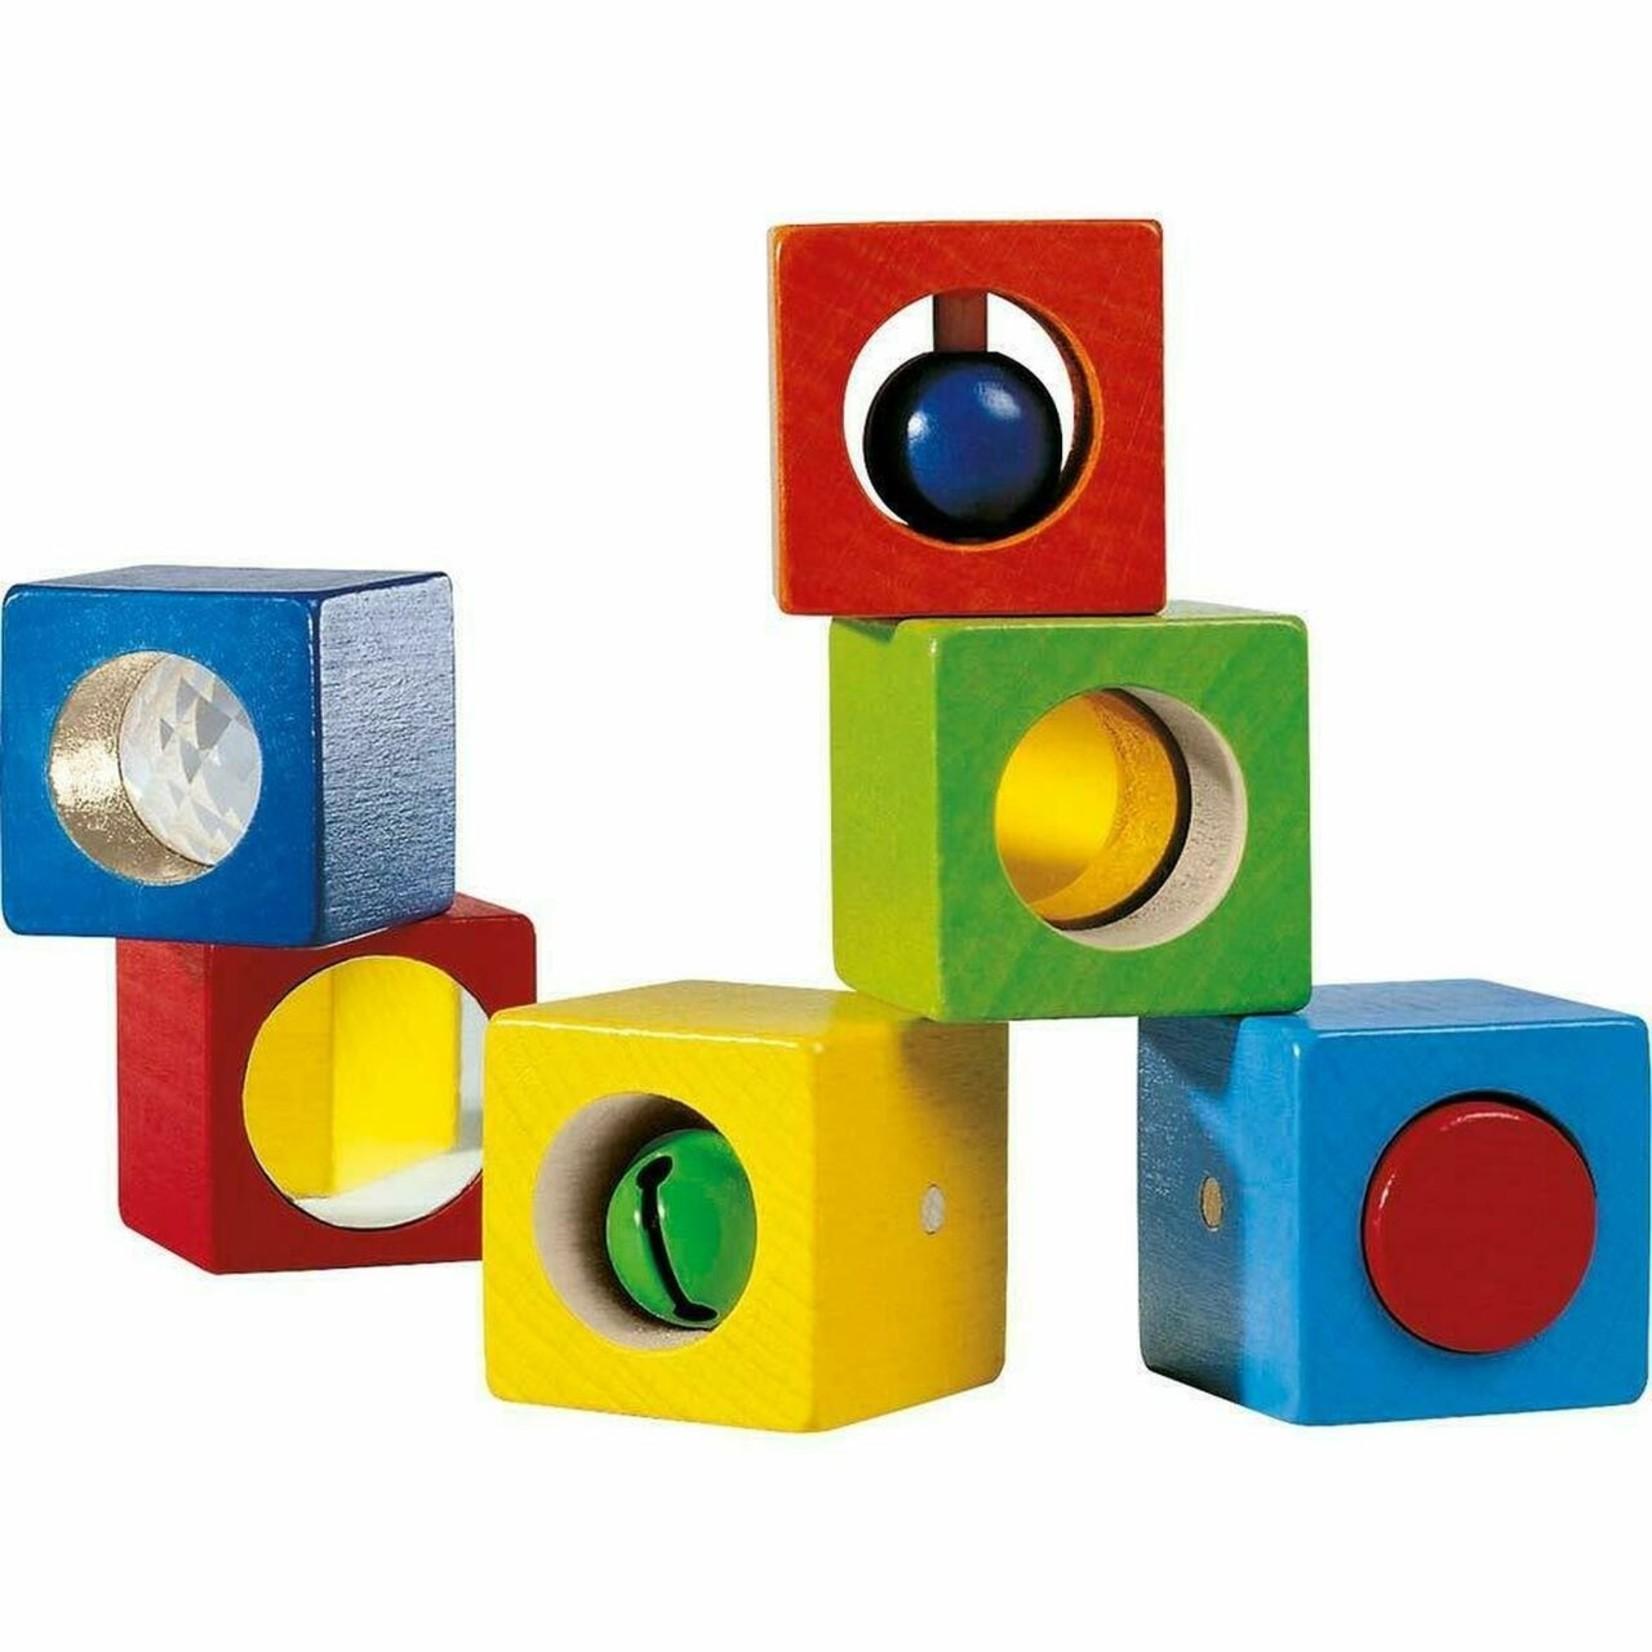 Haba Discovery Blocks